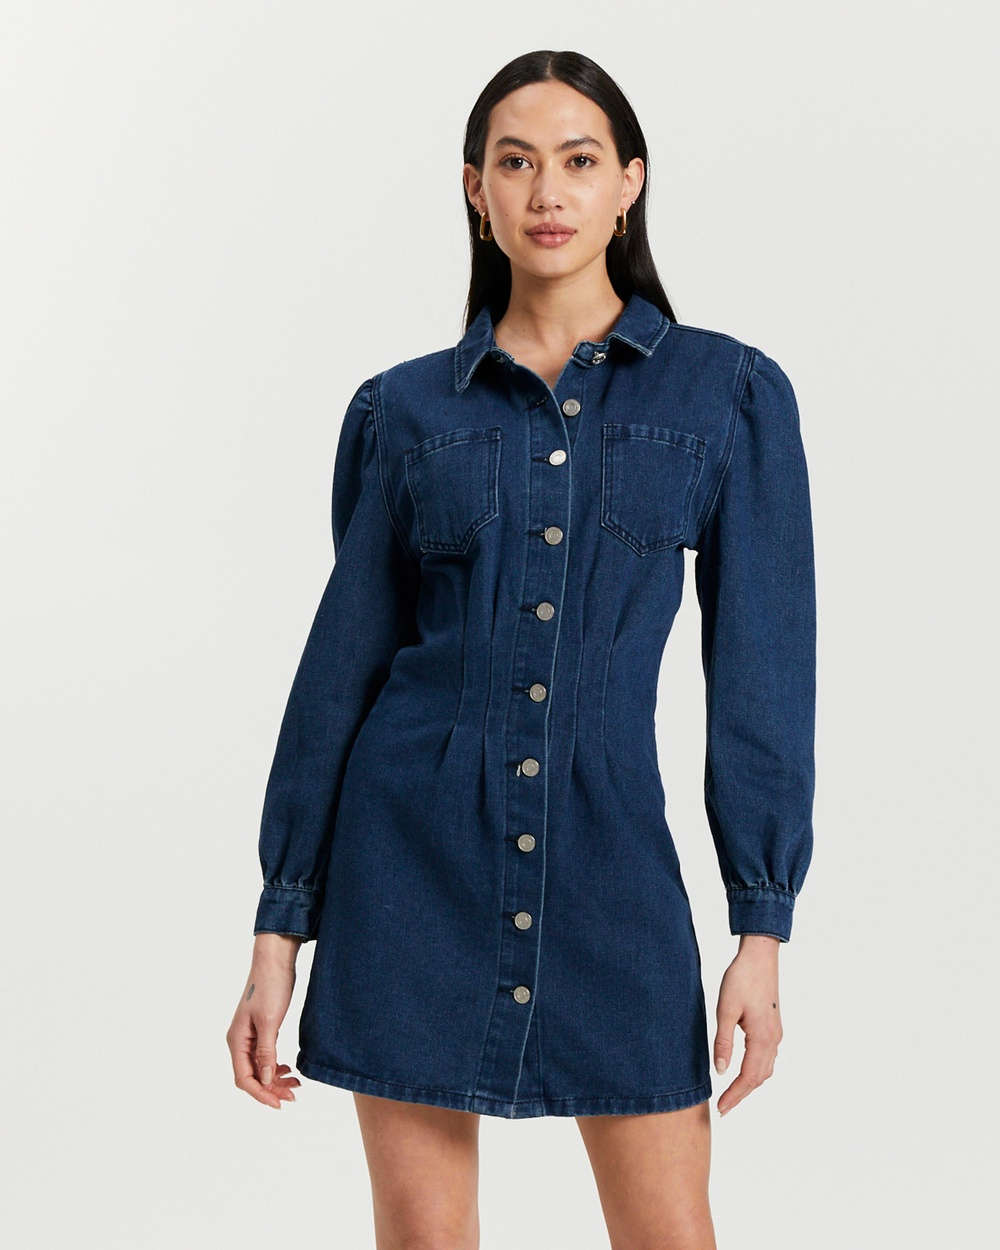 Missguided Cinched Waist Denim Shirt Dress Dresses Deep Blue Australia